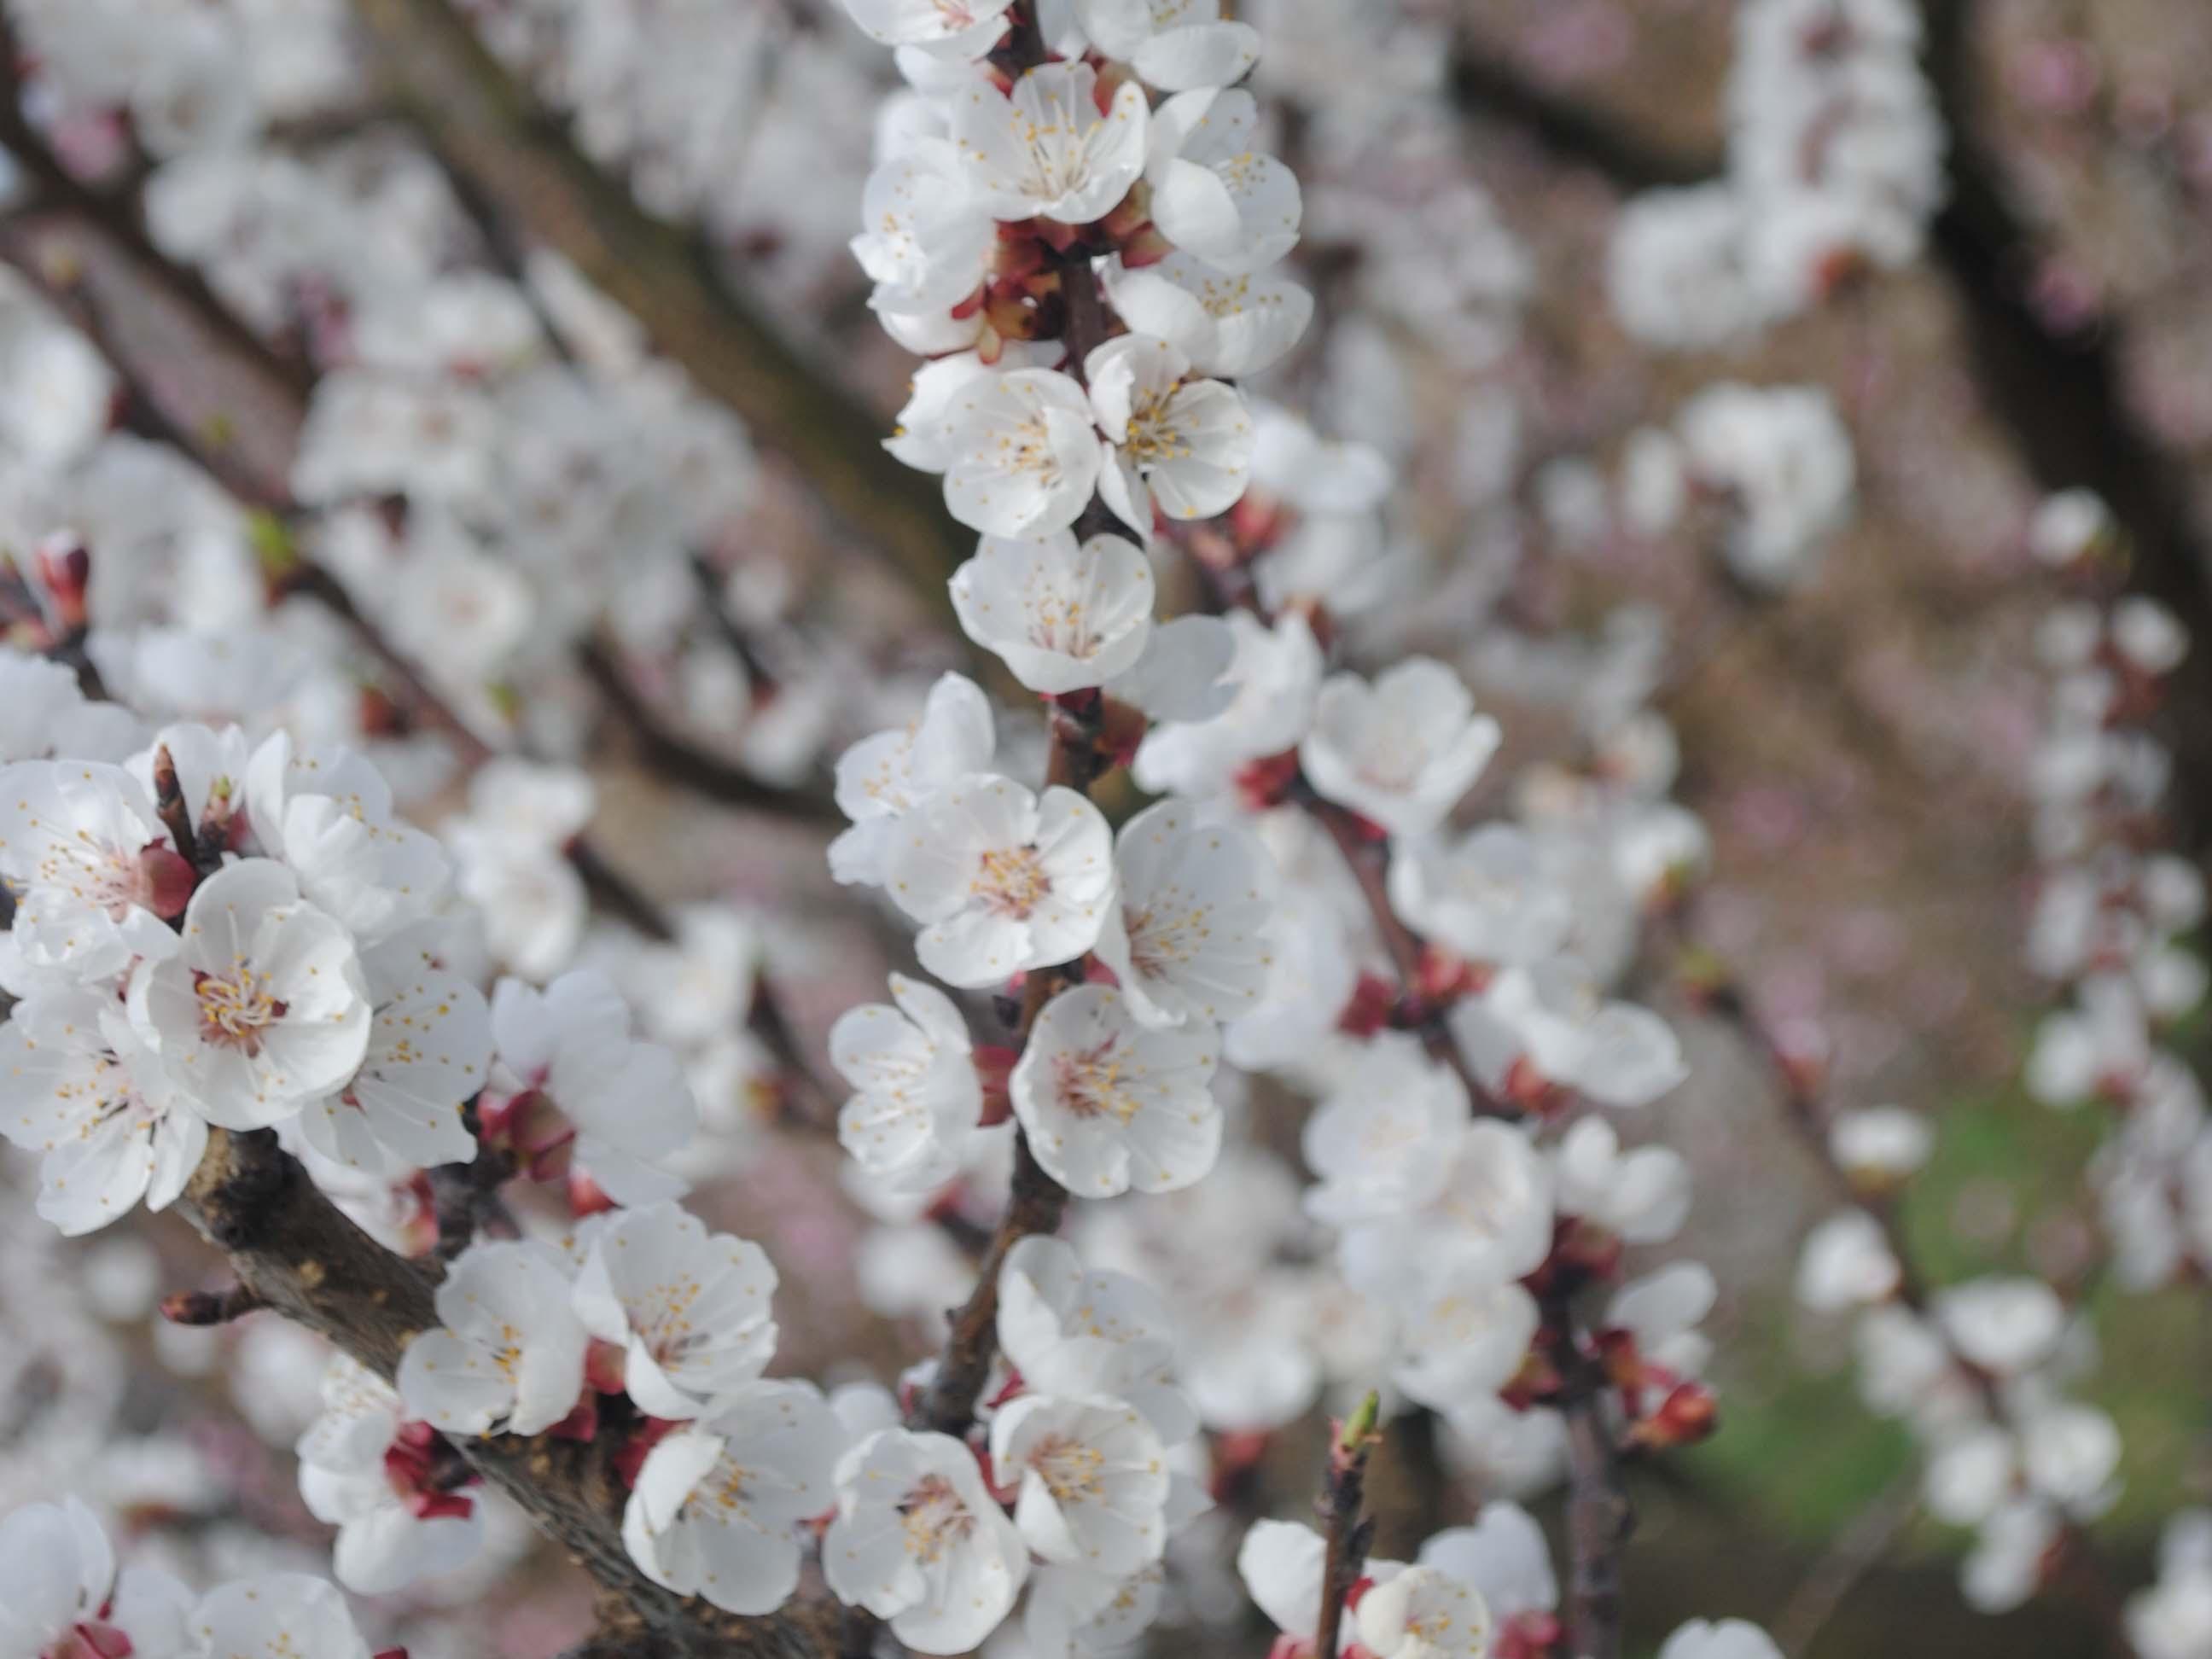 Marillenblüte Nahaufnahme